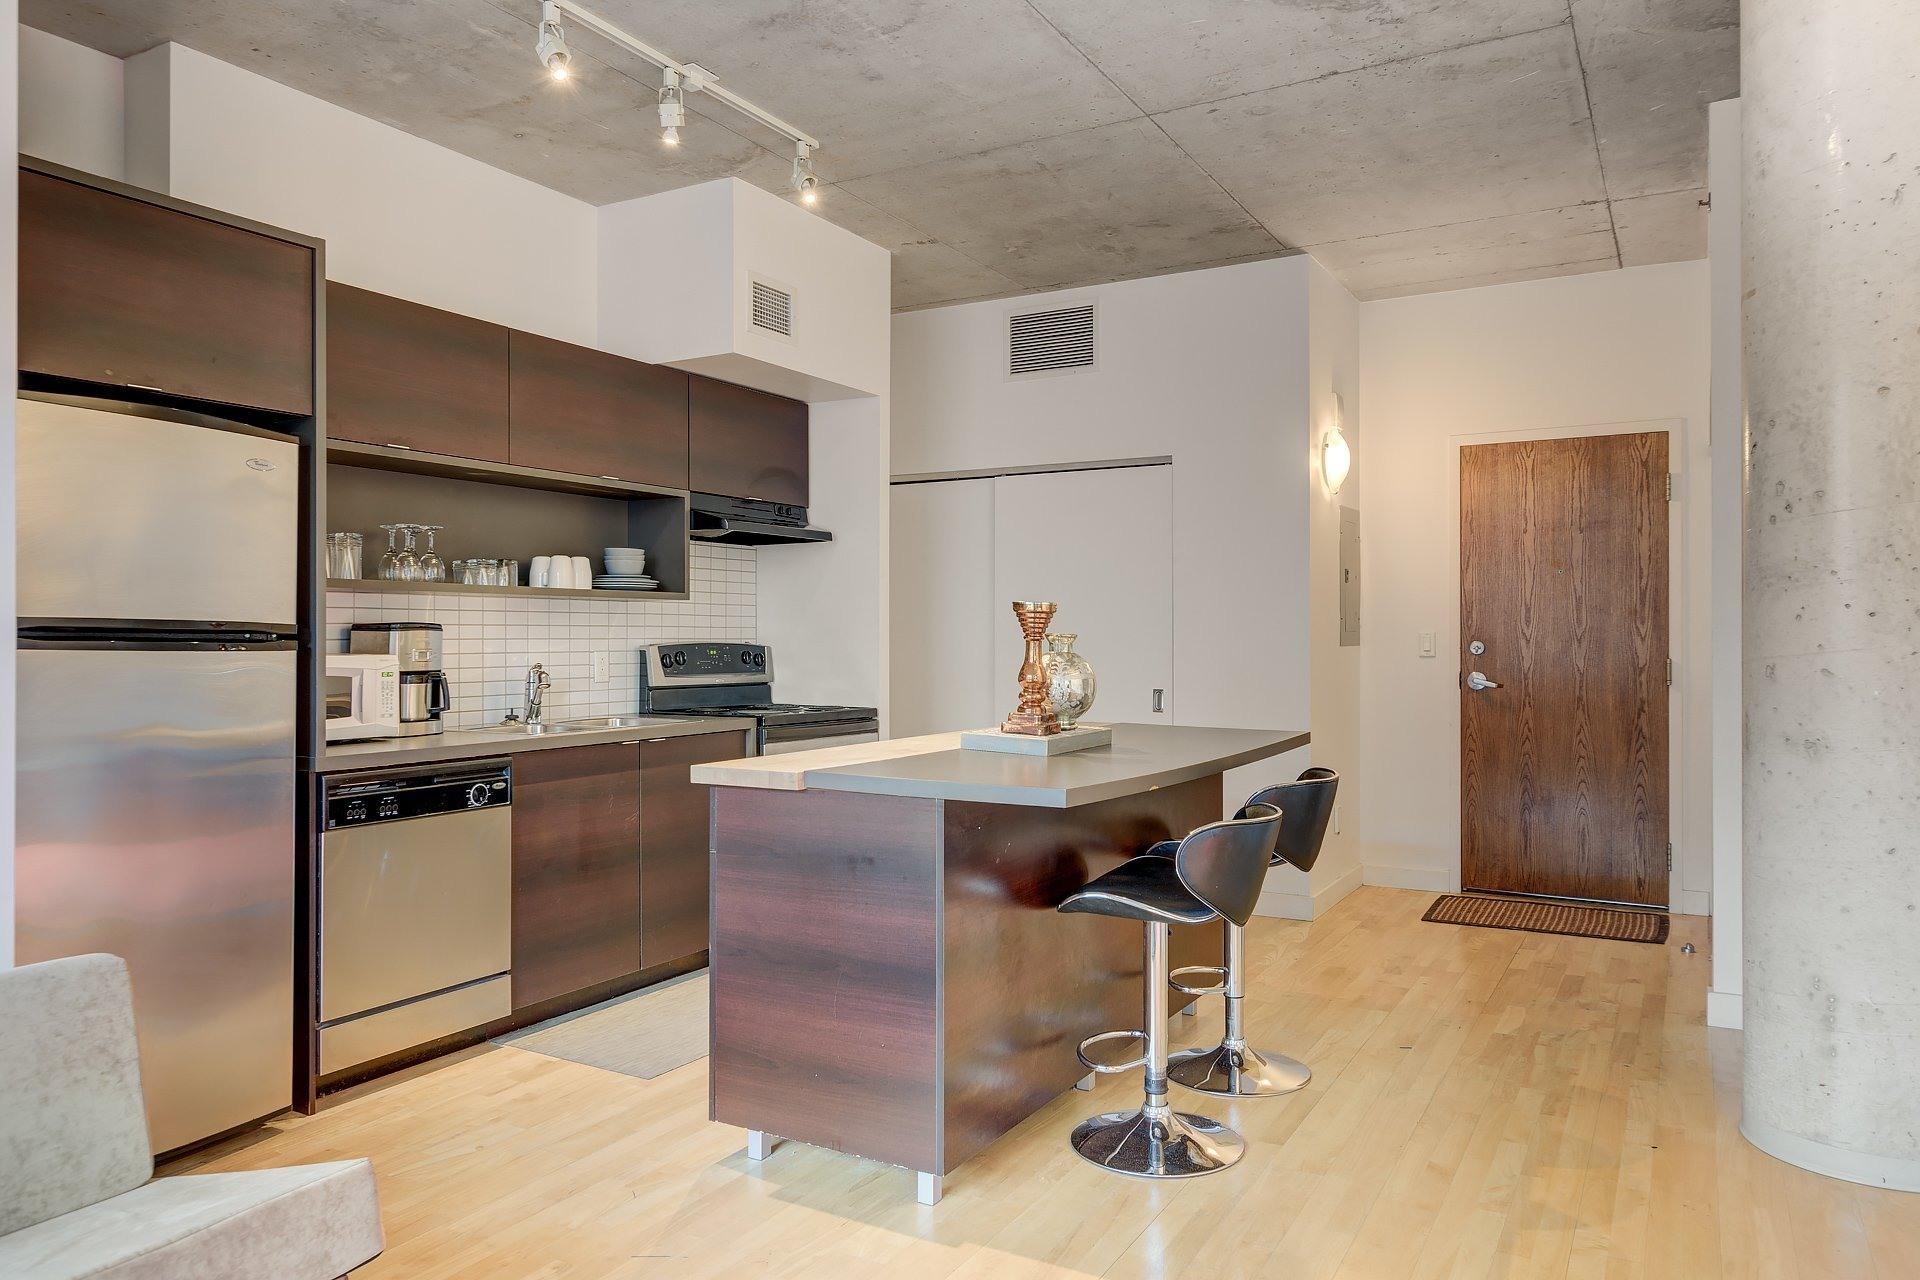 image 4 - Apartment For rent Ville-Marie Montréal  - 3 rooms